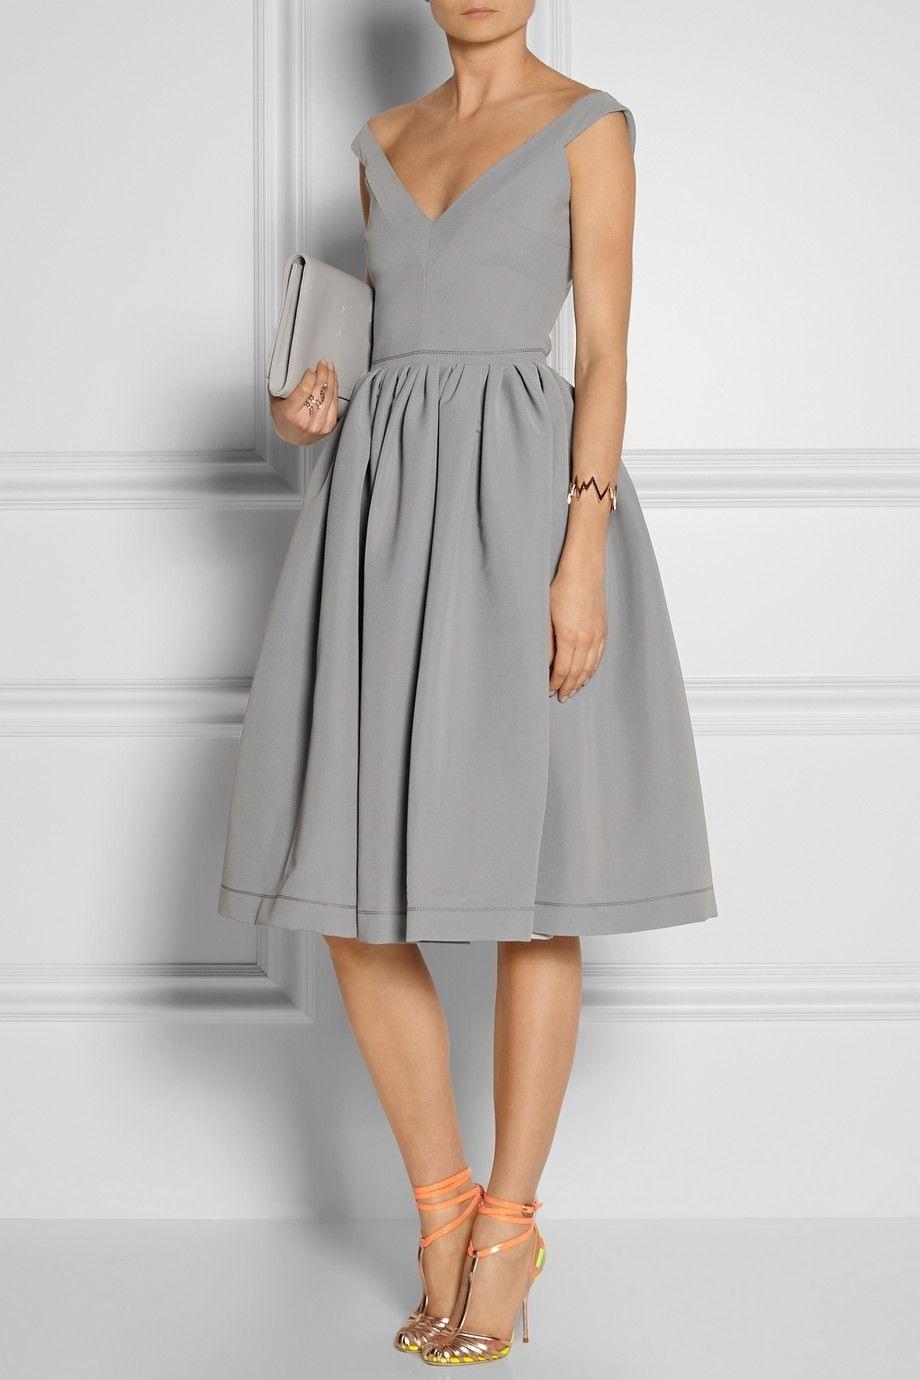 Designer Großartig Graues Kleid Hochzeit Ärmel20 Einzigartig Graues Kleid Hochzeit Boutique